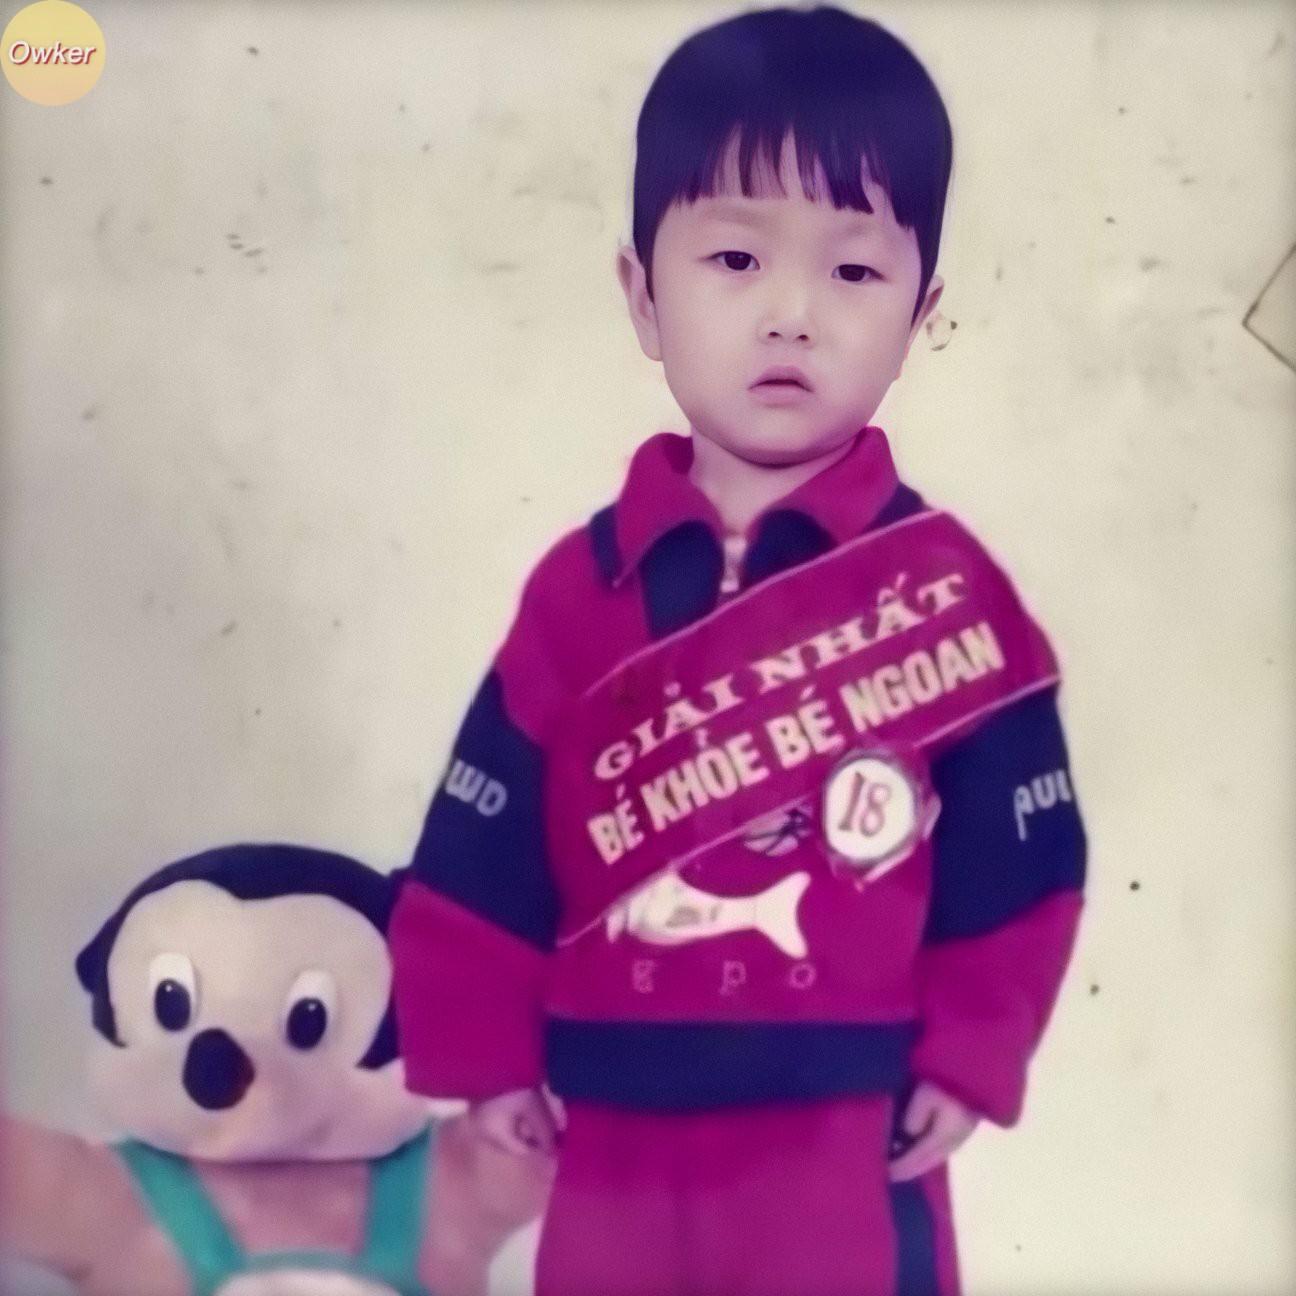 Cười đổ ghế với loạt ảnh thơ ấu mới hé lộ của dàn cầu thủ Việt: Đức Huy chất từ bé, bất ngờ nhất là Lâm Tây-9